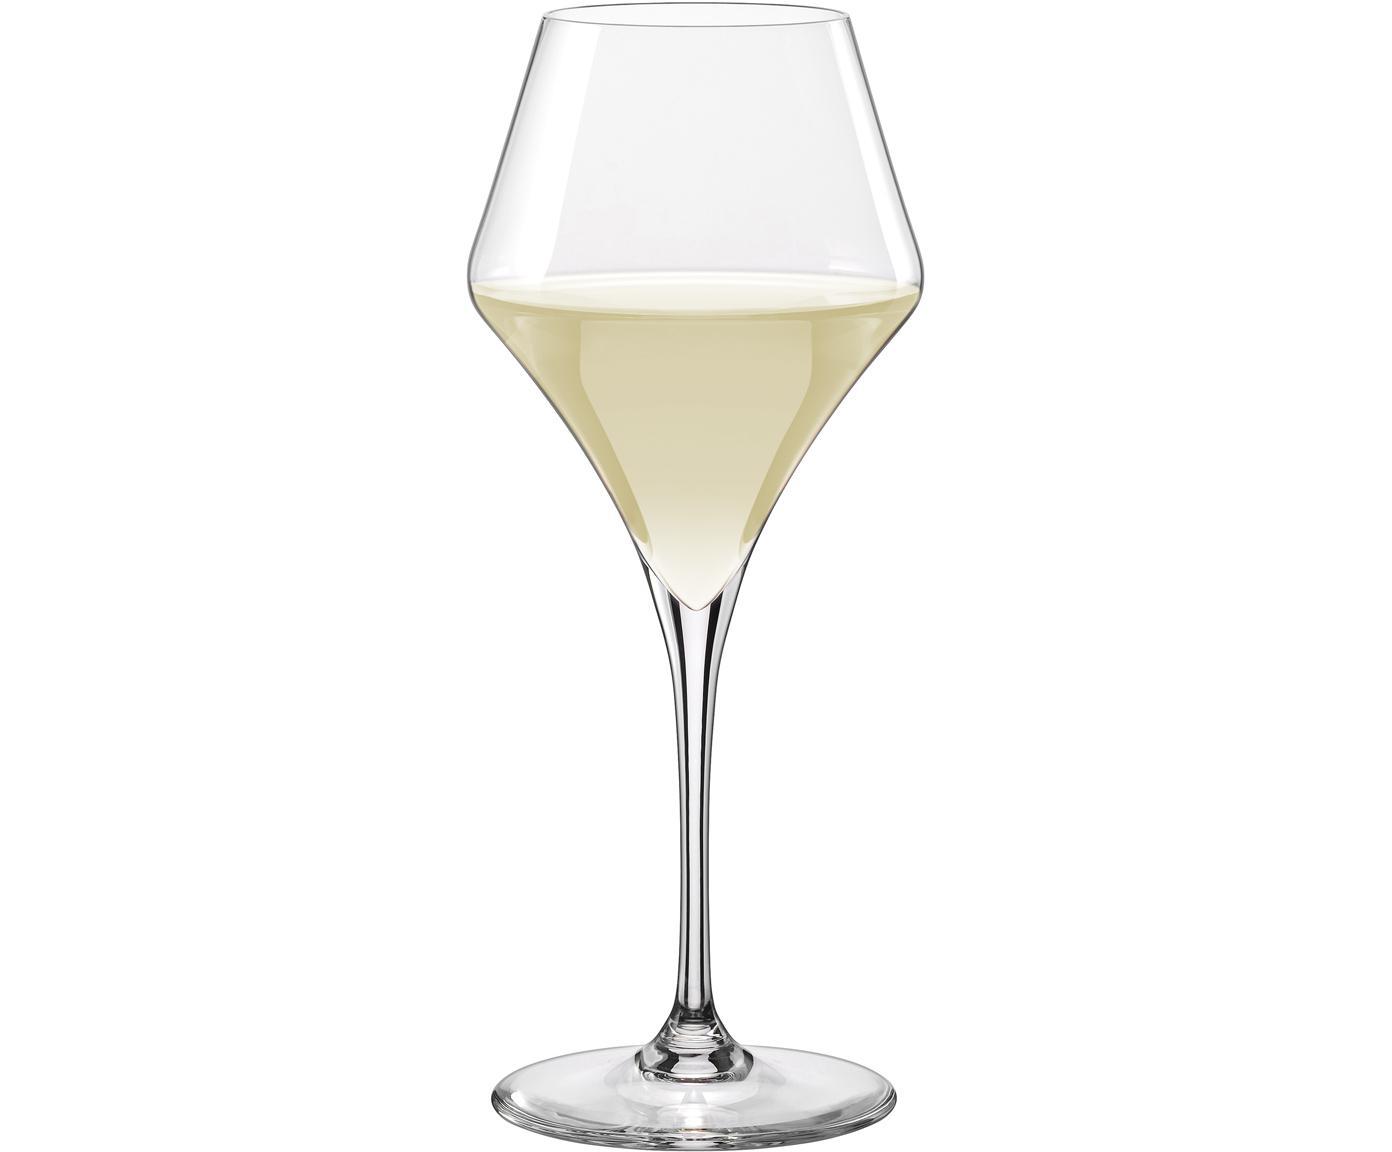 Bolvormige witte wijnglazen Aram, 6-delig, Glas, Transparant, Ø 6 x H 26 cm